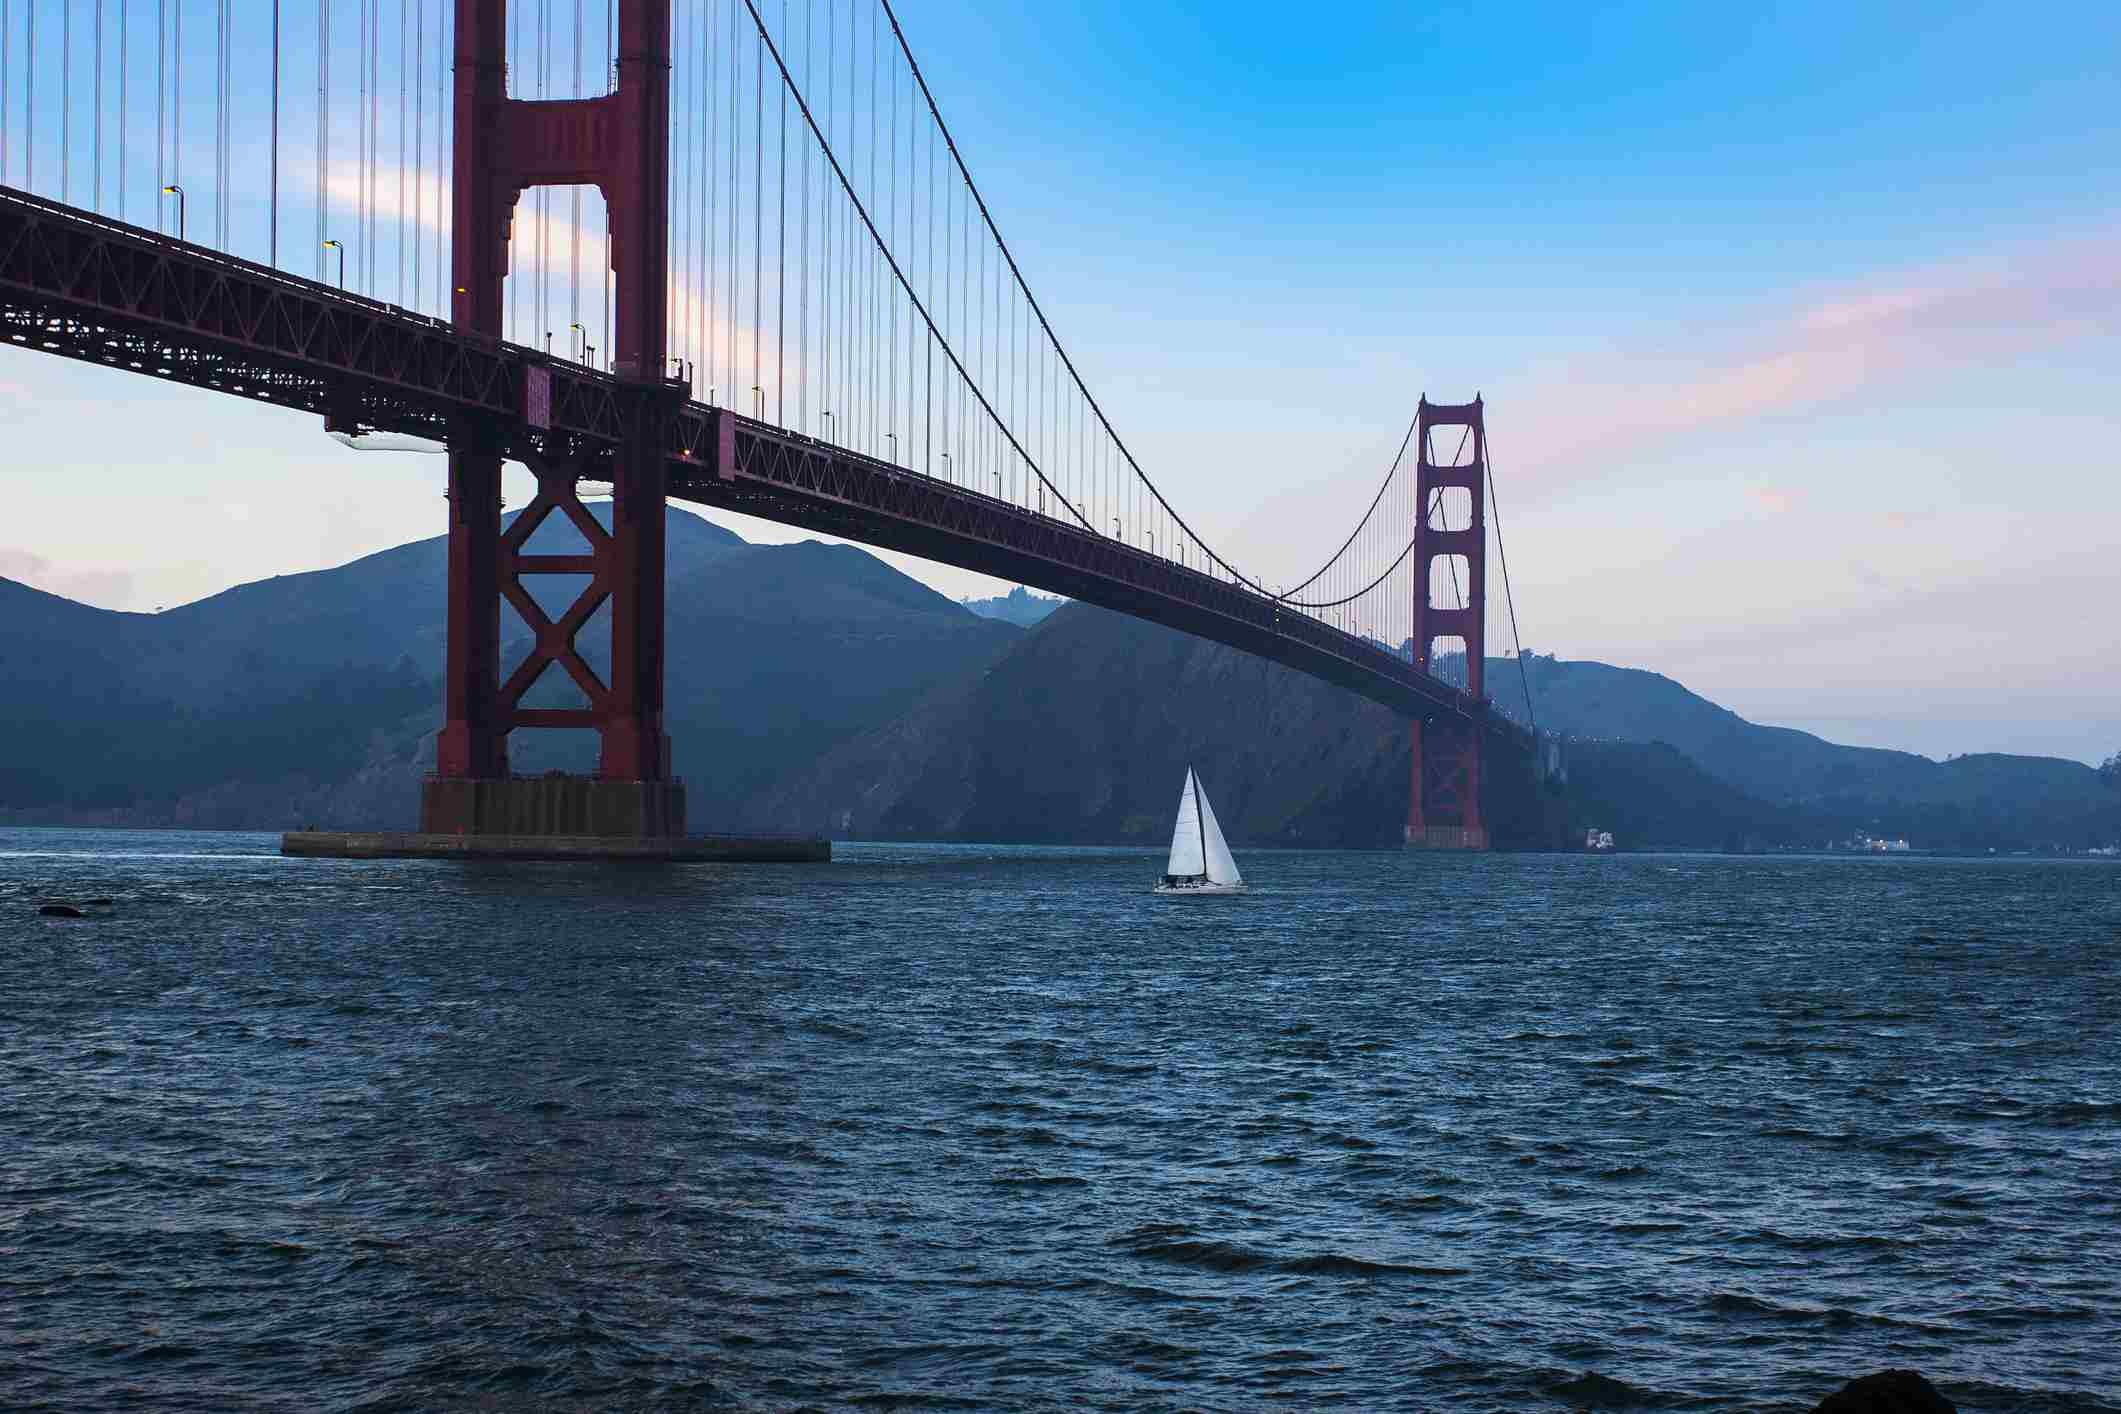 Sail boat in SF Bay